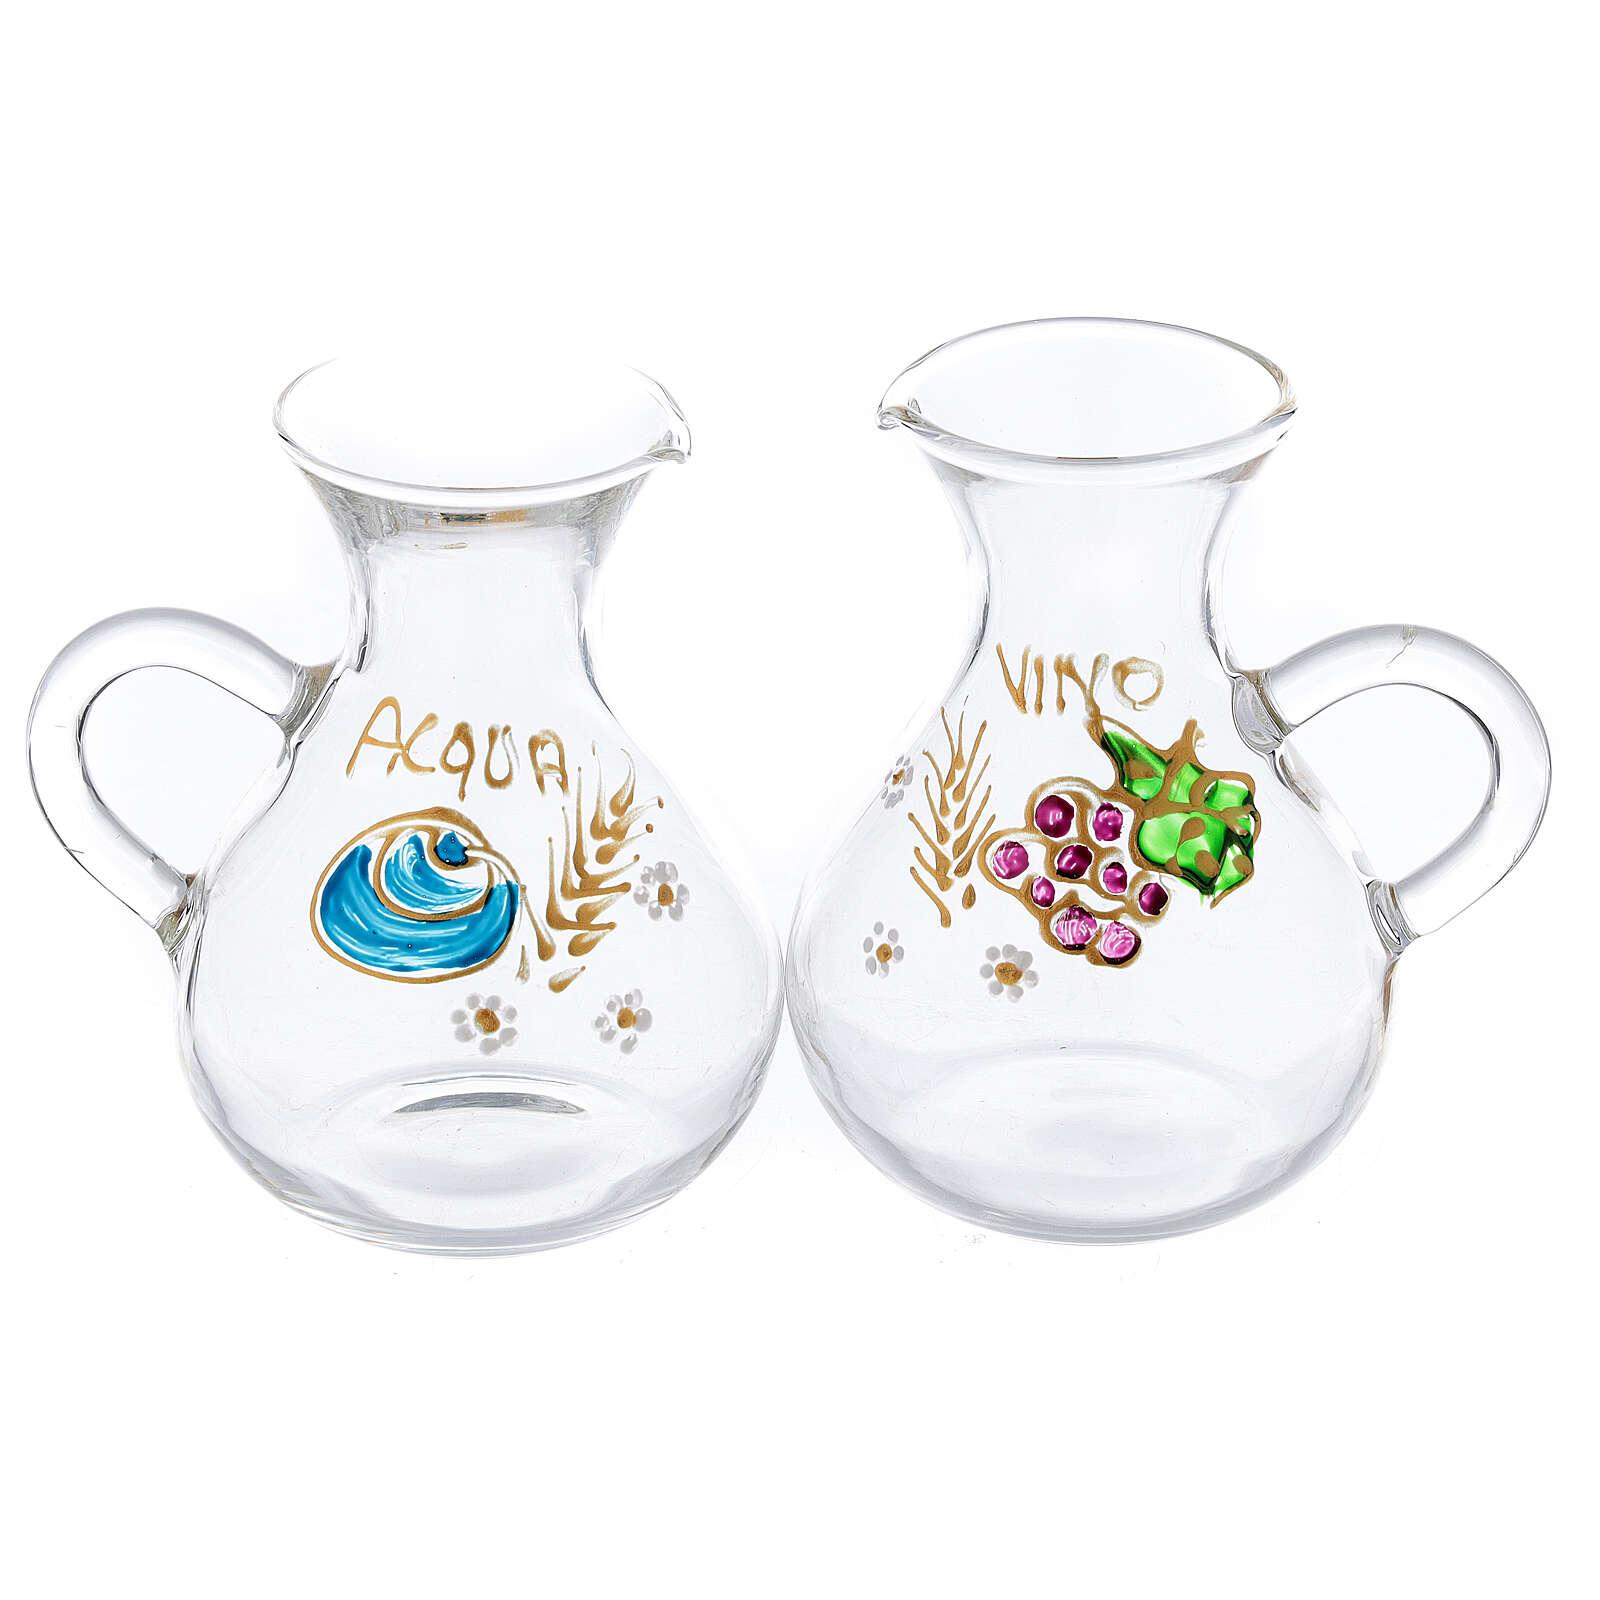 Coppia ampolline acqua e vino dipinte a mano Roma 130 ml 4